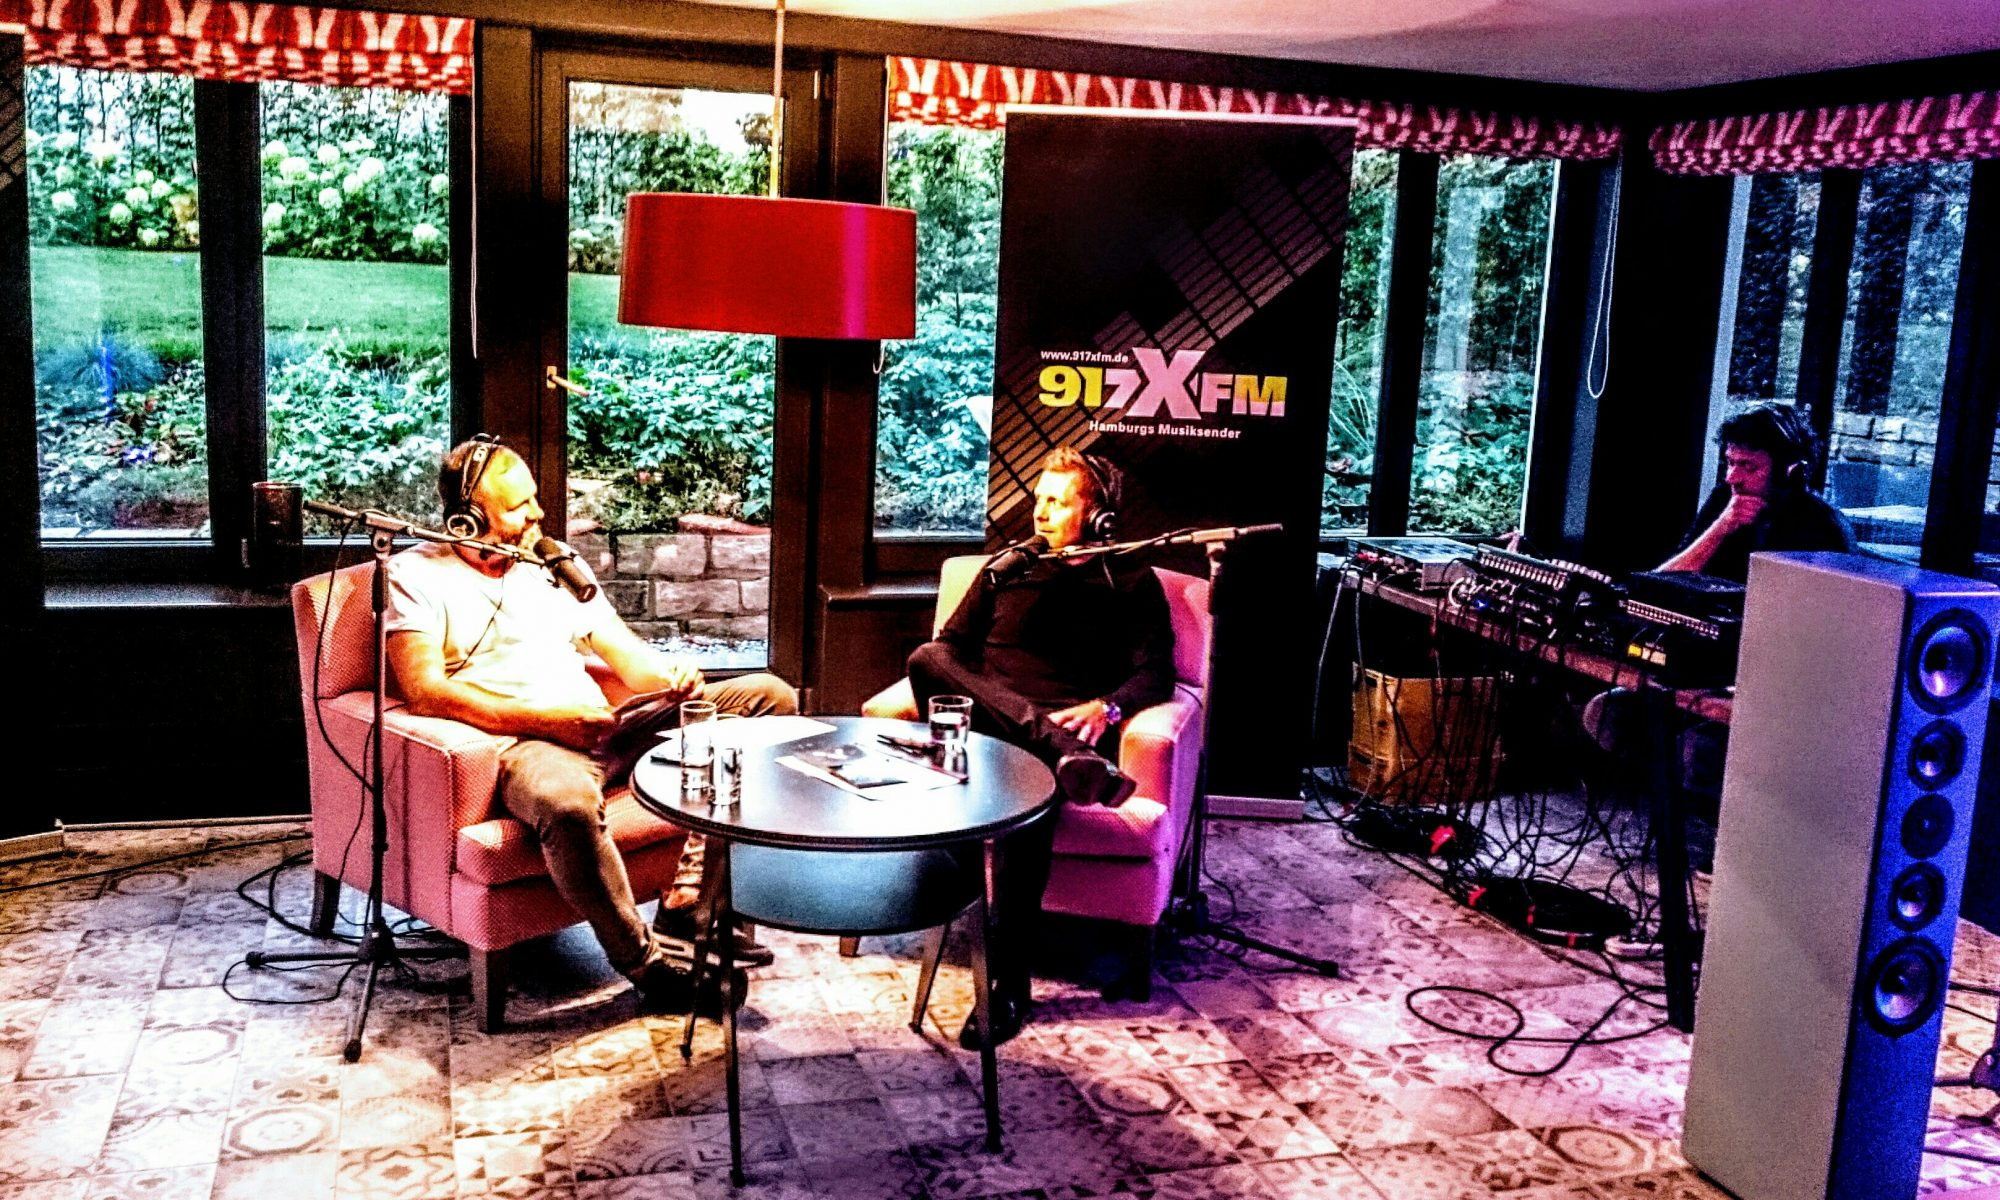 Nils Wülker, Jazz, Trumpet, Musiker, Interview, Radio, Hannes Erdmann, 917xfm, Das Freytag, Hamburg, Pop, Warner Music